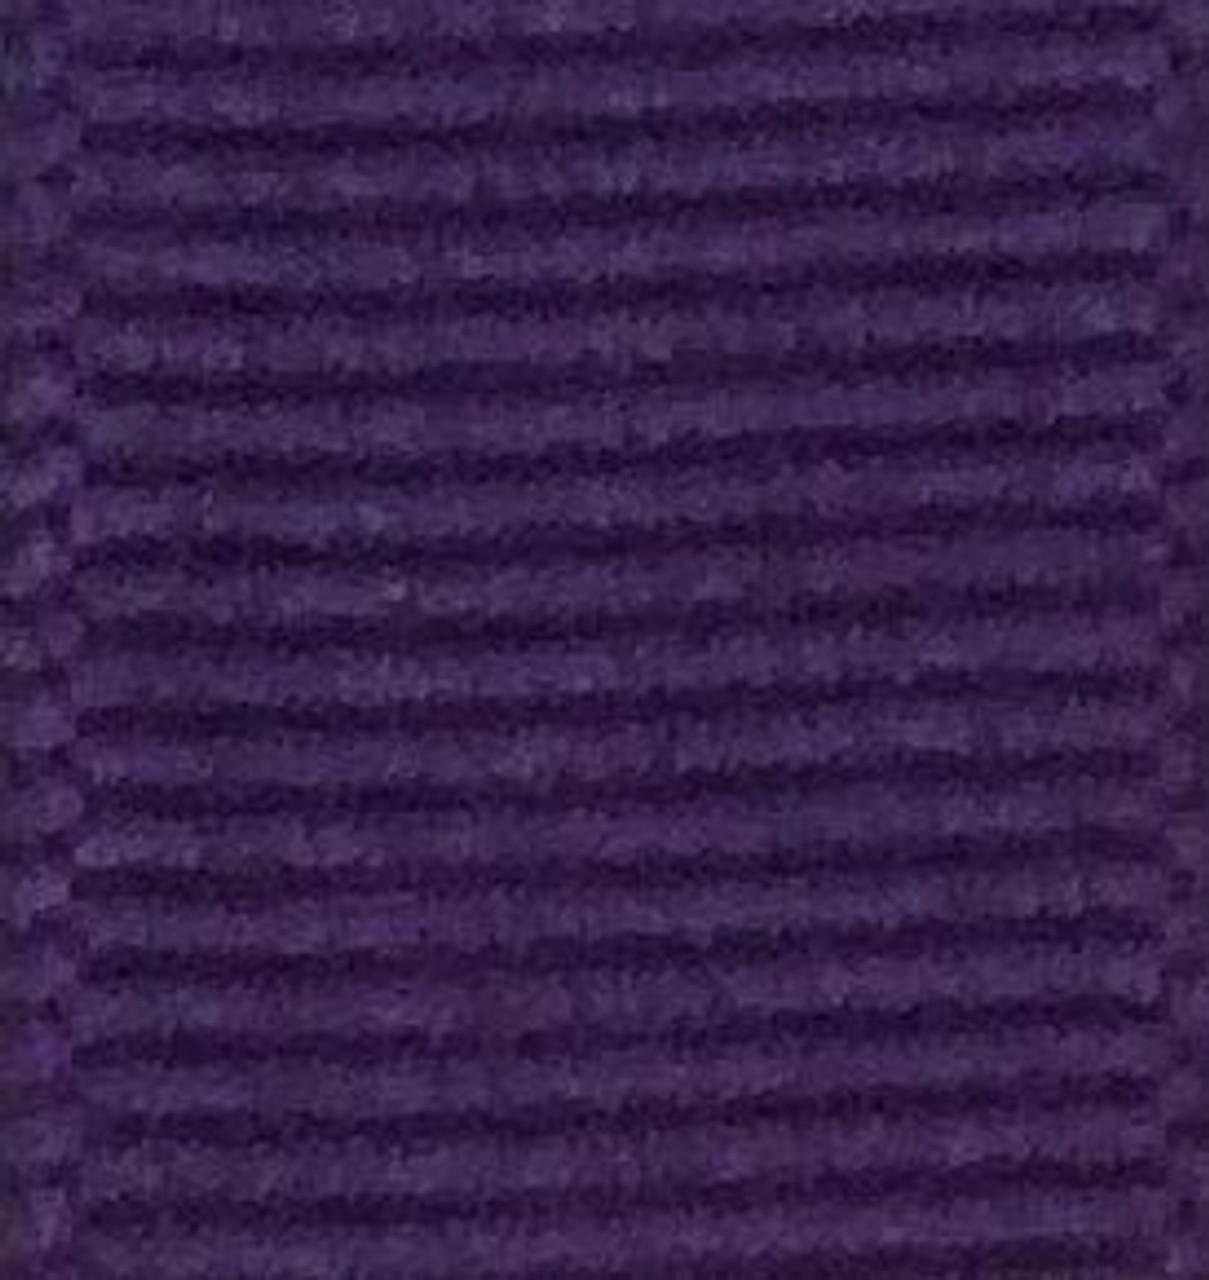 Violet Offray Grosgrain Ribbon